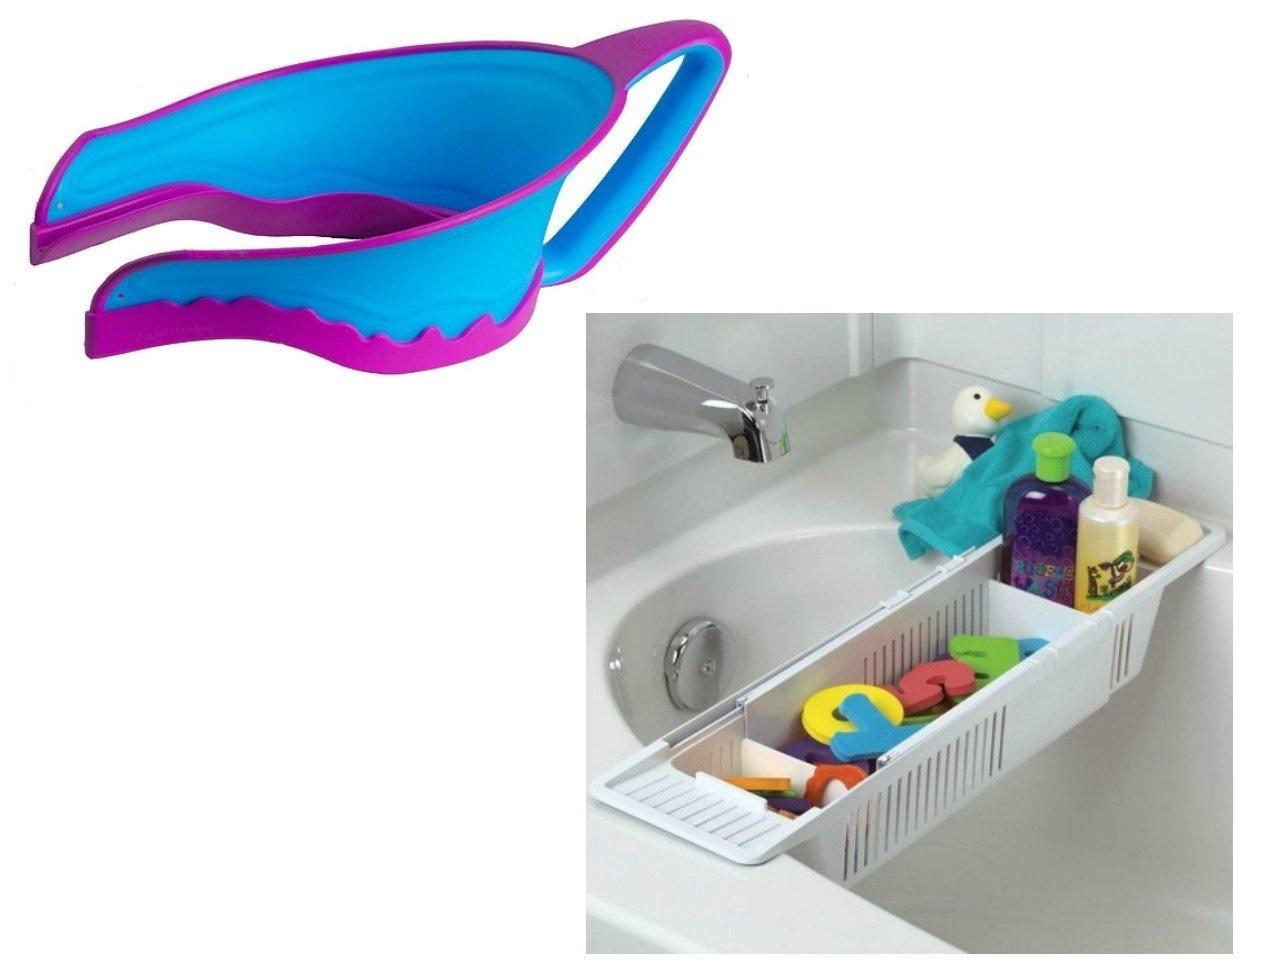 Lil' Rinser Splashguard Shampoo Rinser & Bath Organizer Basket, Yellow by Lil Rinser